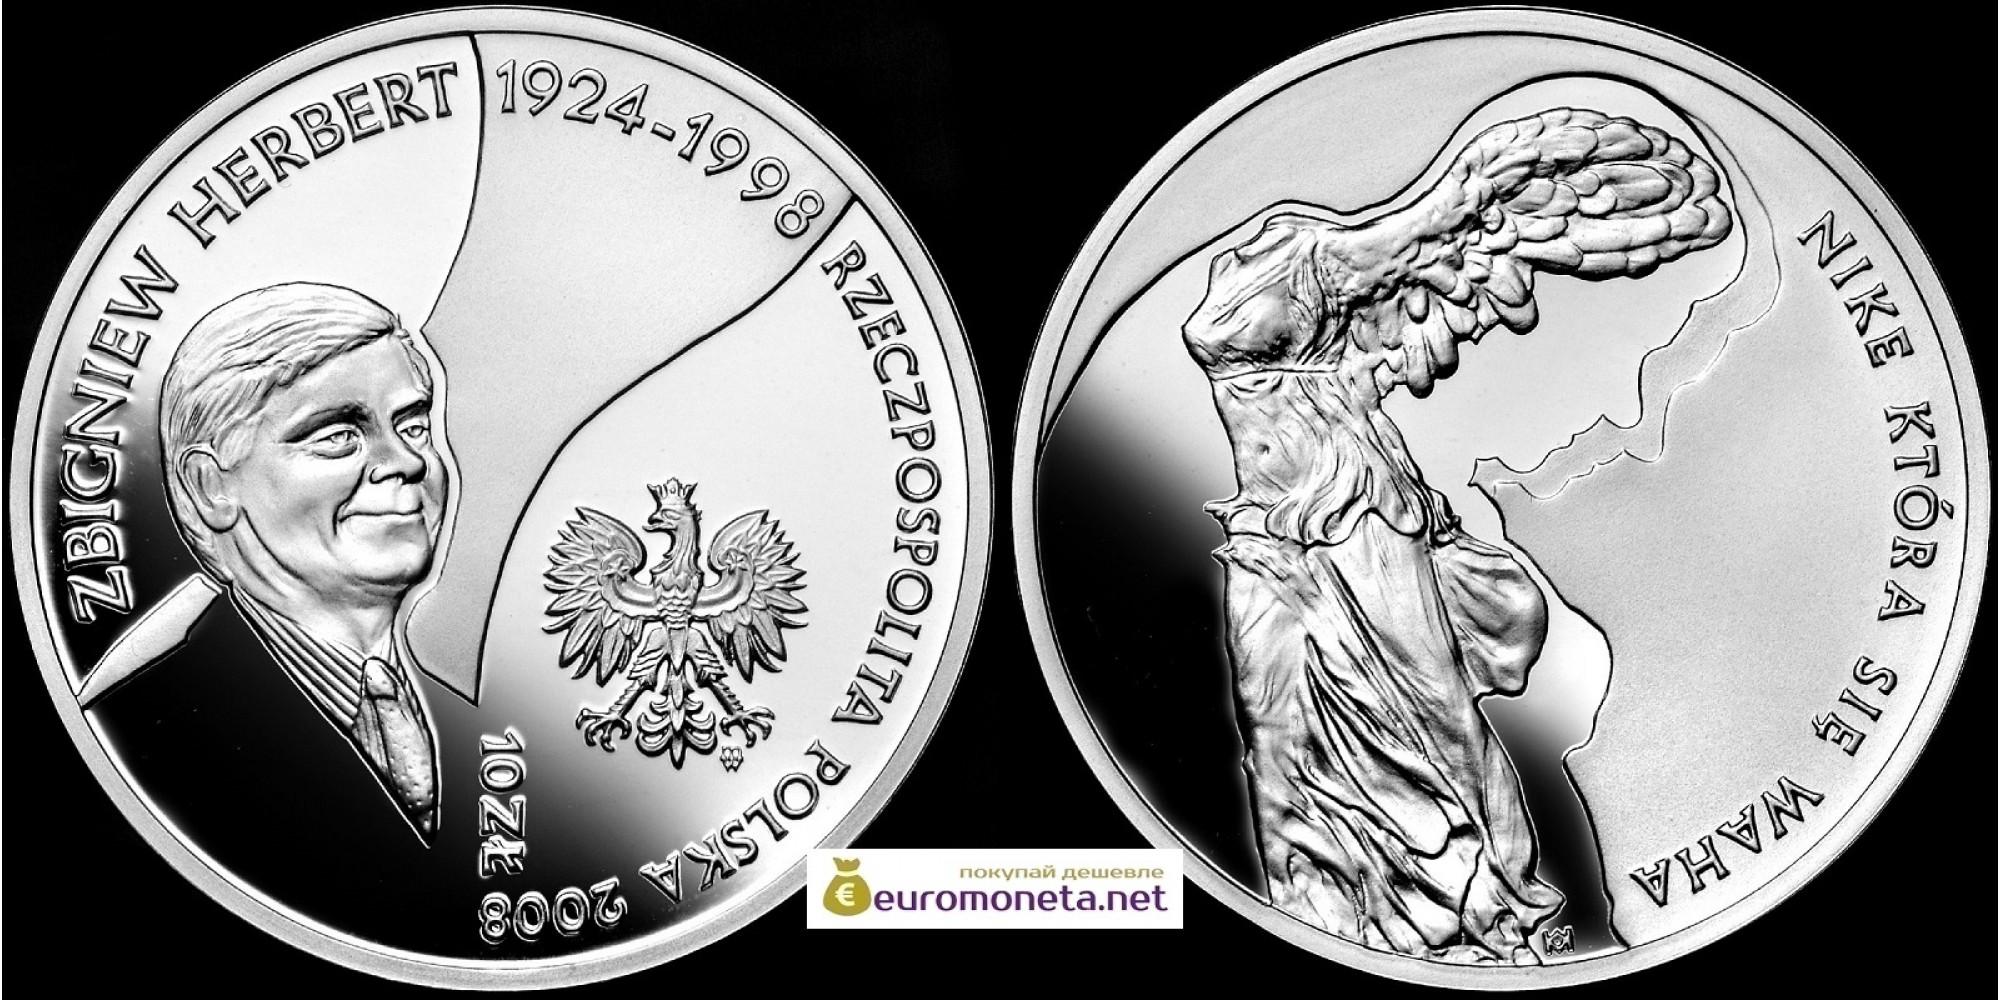 Польша 10 злотых 2008 год Збигнев Херберт серебро пруф